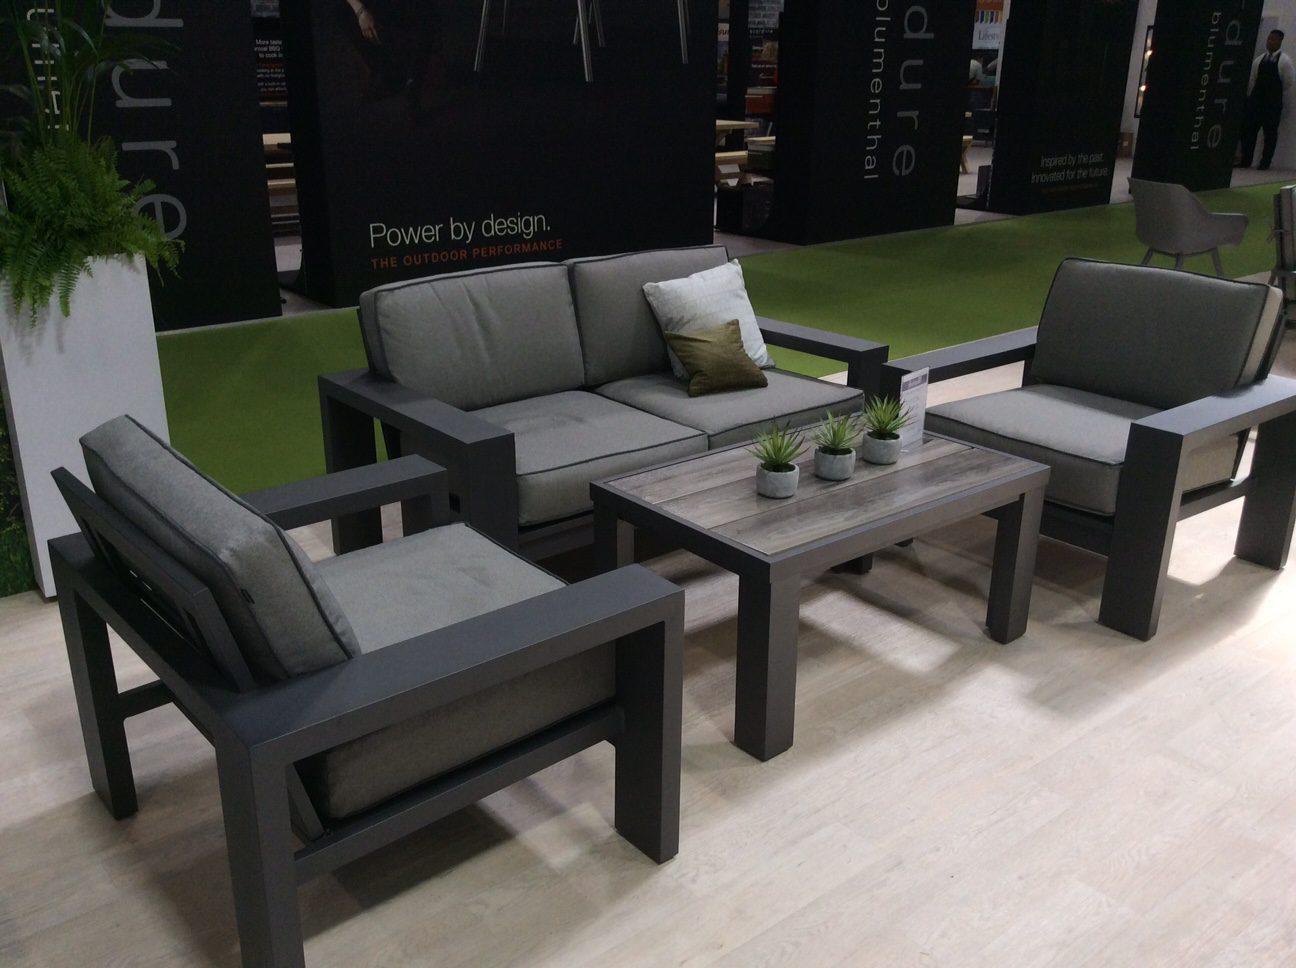 Hartman Tita 4 Seat Lounge Set 2019